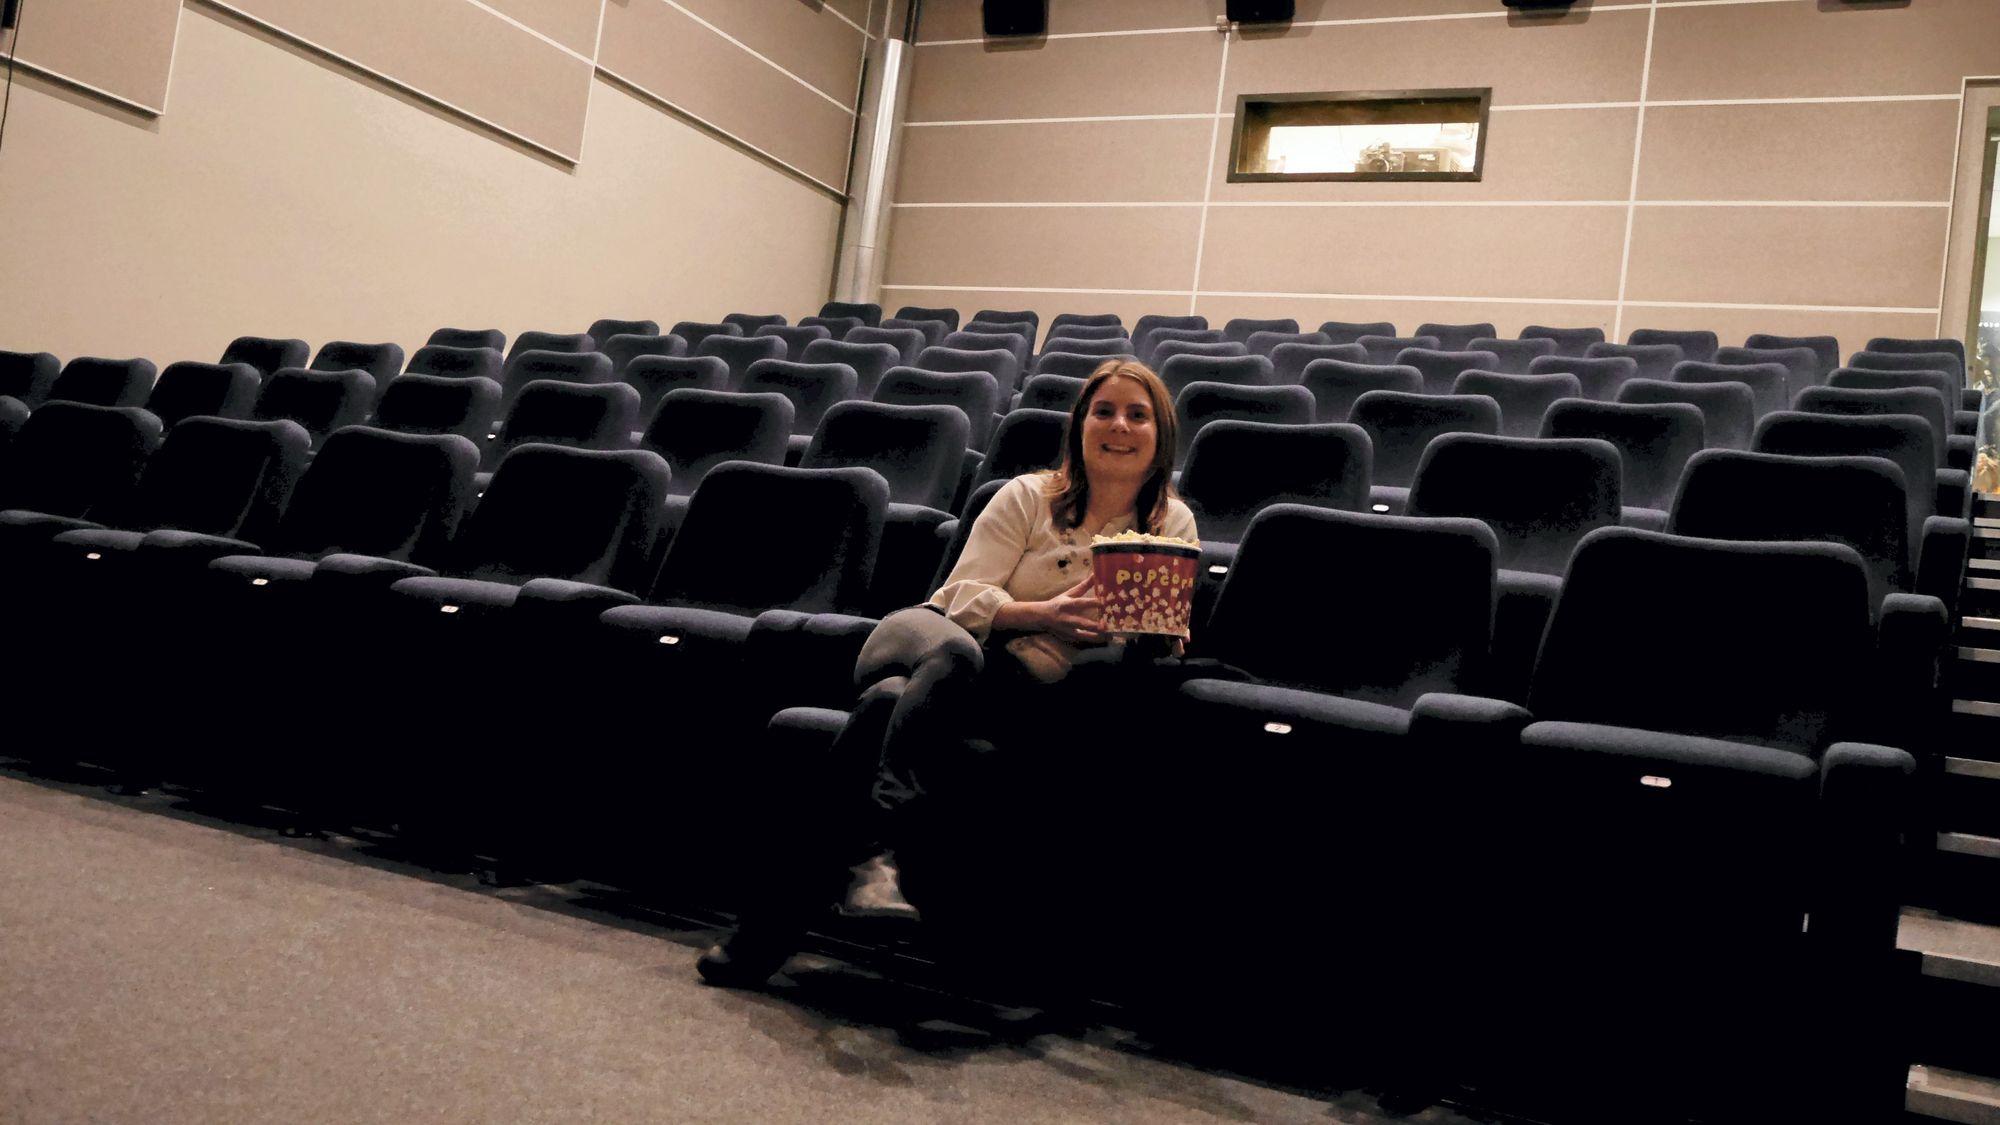 LITEN, MEN TRIVELIG: Det er ikke mange plasser i vår lille kinosal, men det er både trivelig og rolig der under forestillingene.